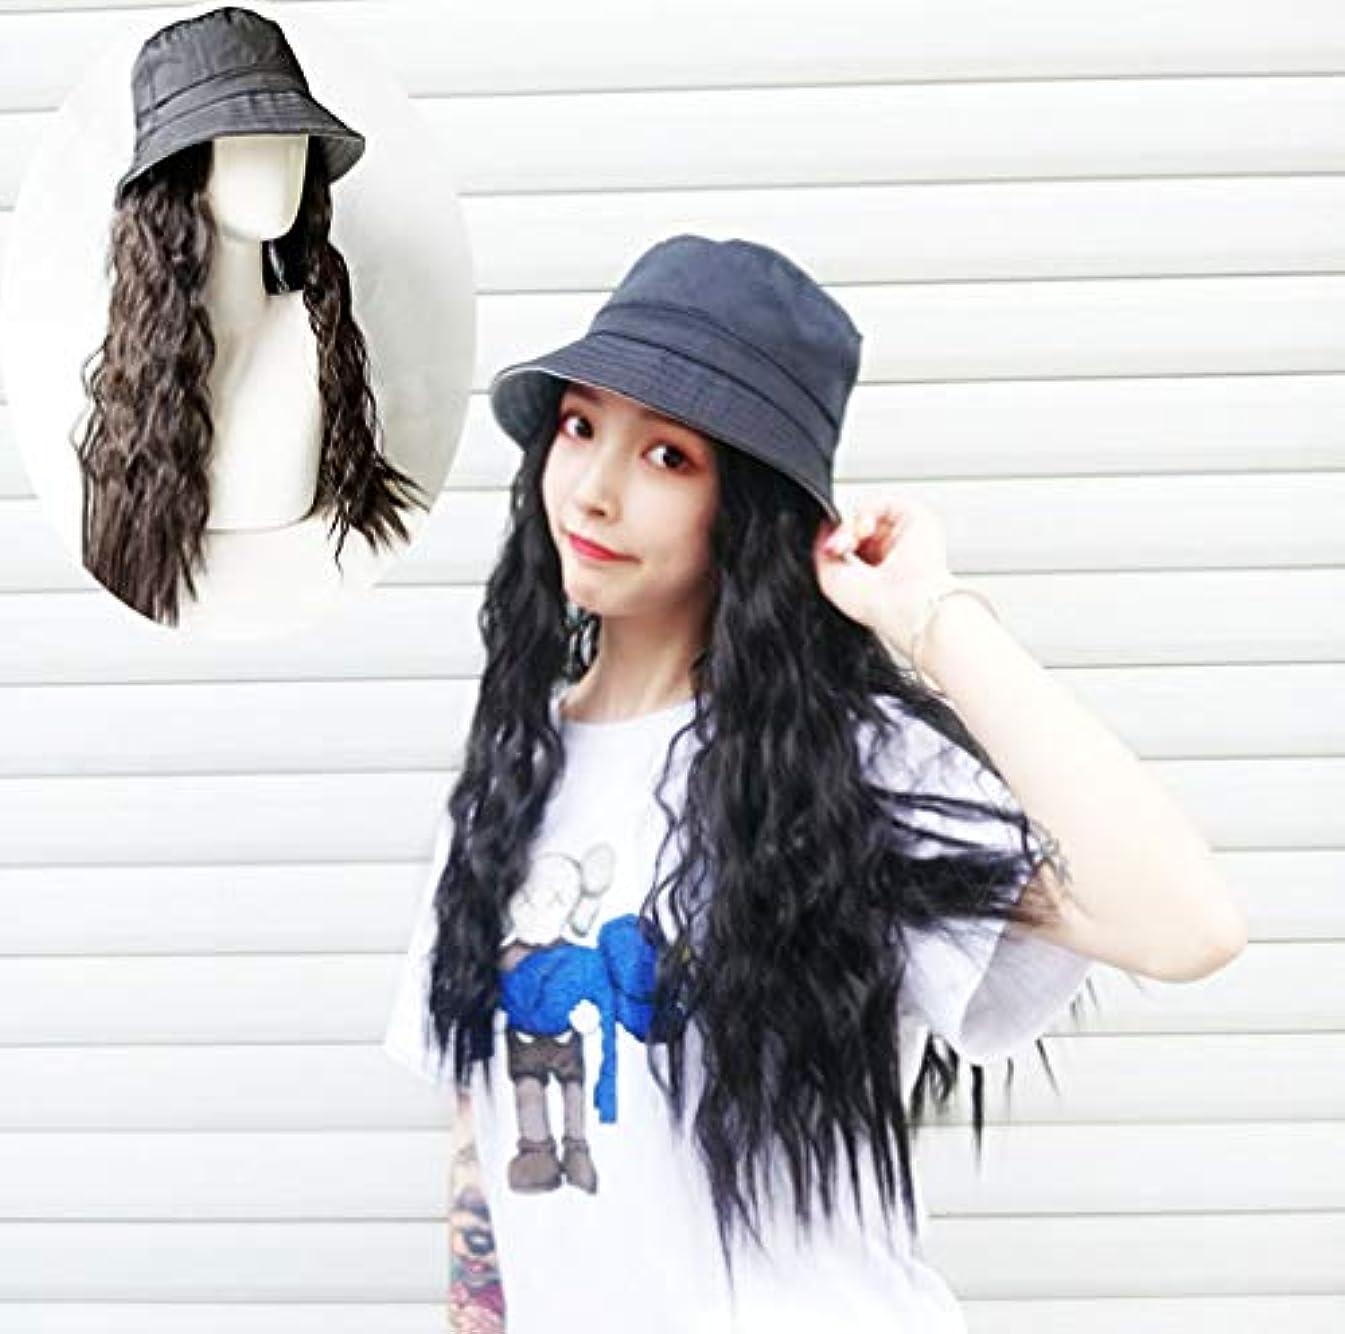 食い違い触覚降伏長いウェーブのかかった髪の拡張子を持つ女性野球キャップ毎日のパーティーの使用のための黒い帽子が付いた自然な人工毛65cm